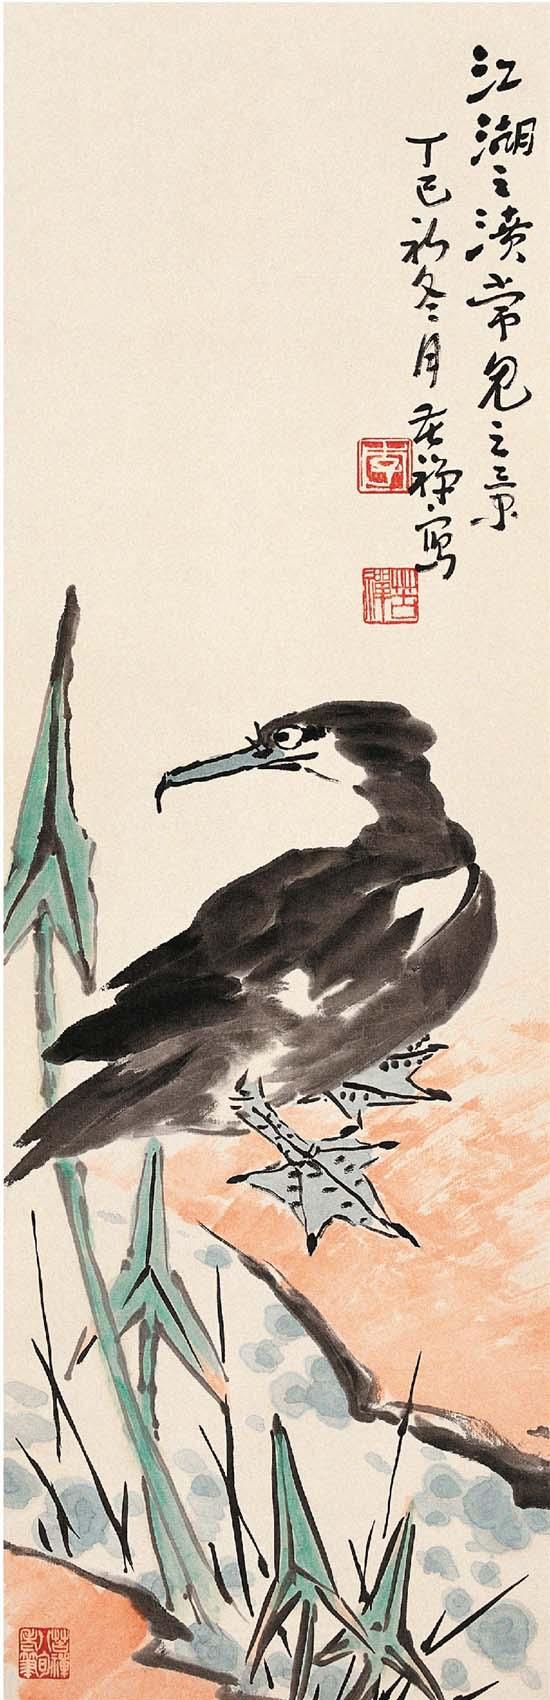 李苦禅:我的艺术生涯却是大半和艰难困苦相连的